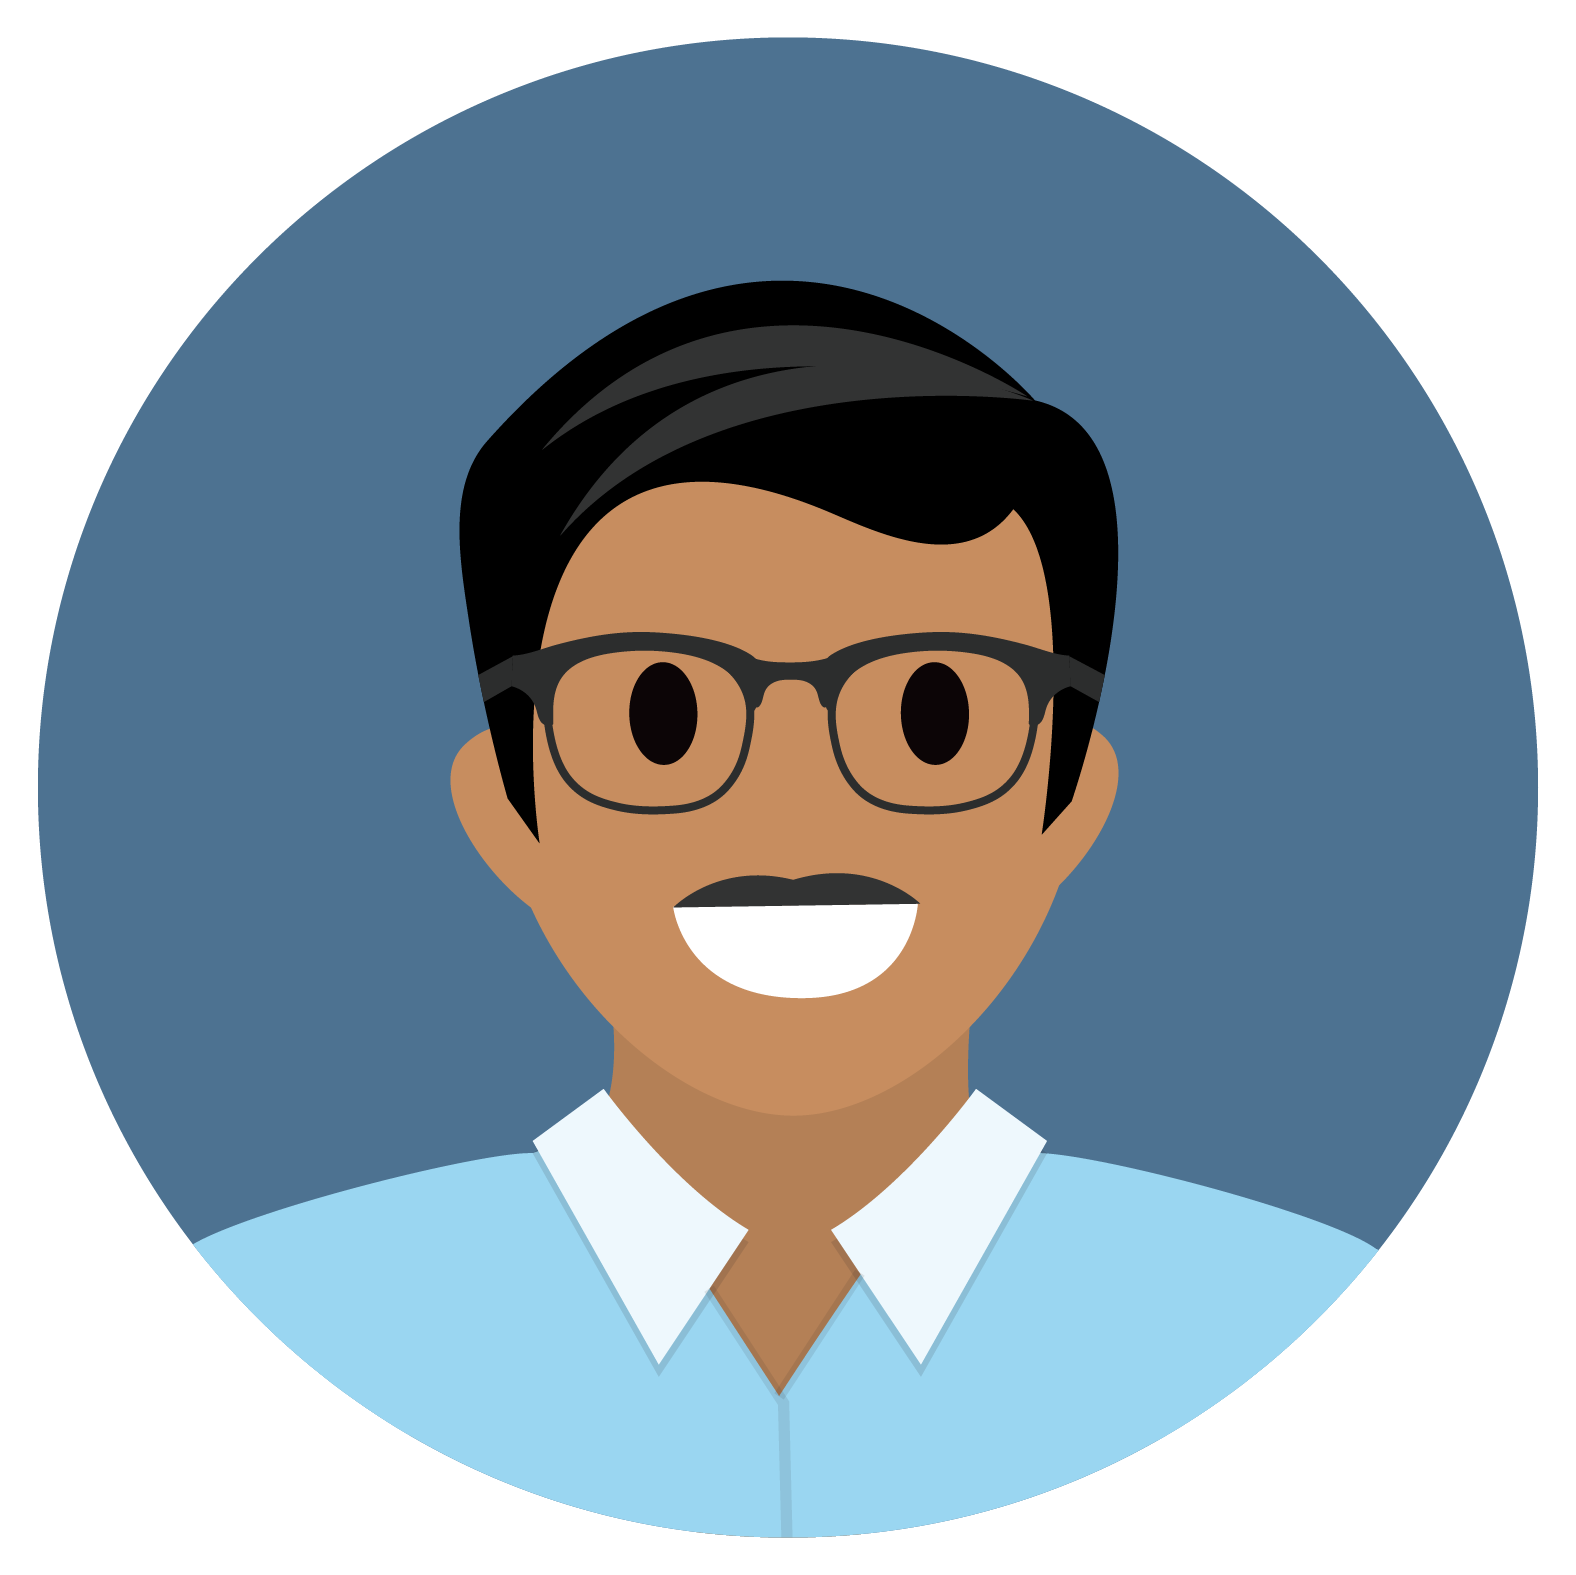 Man smiling wearing eyeglasses.